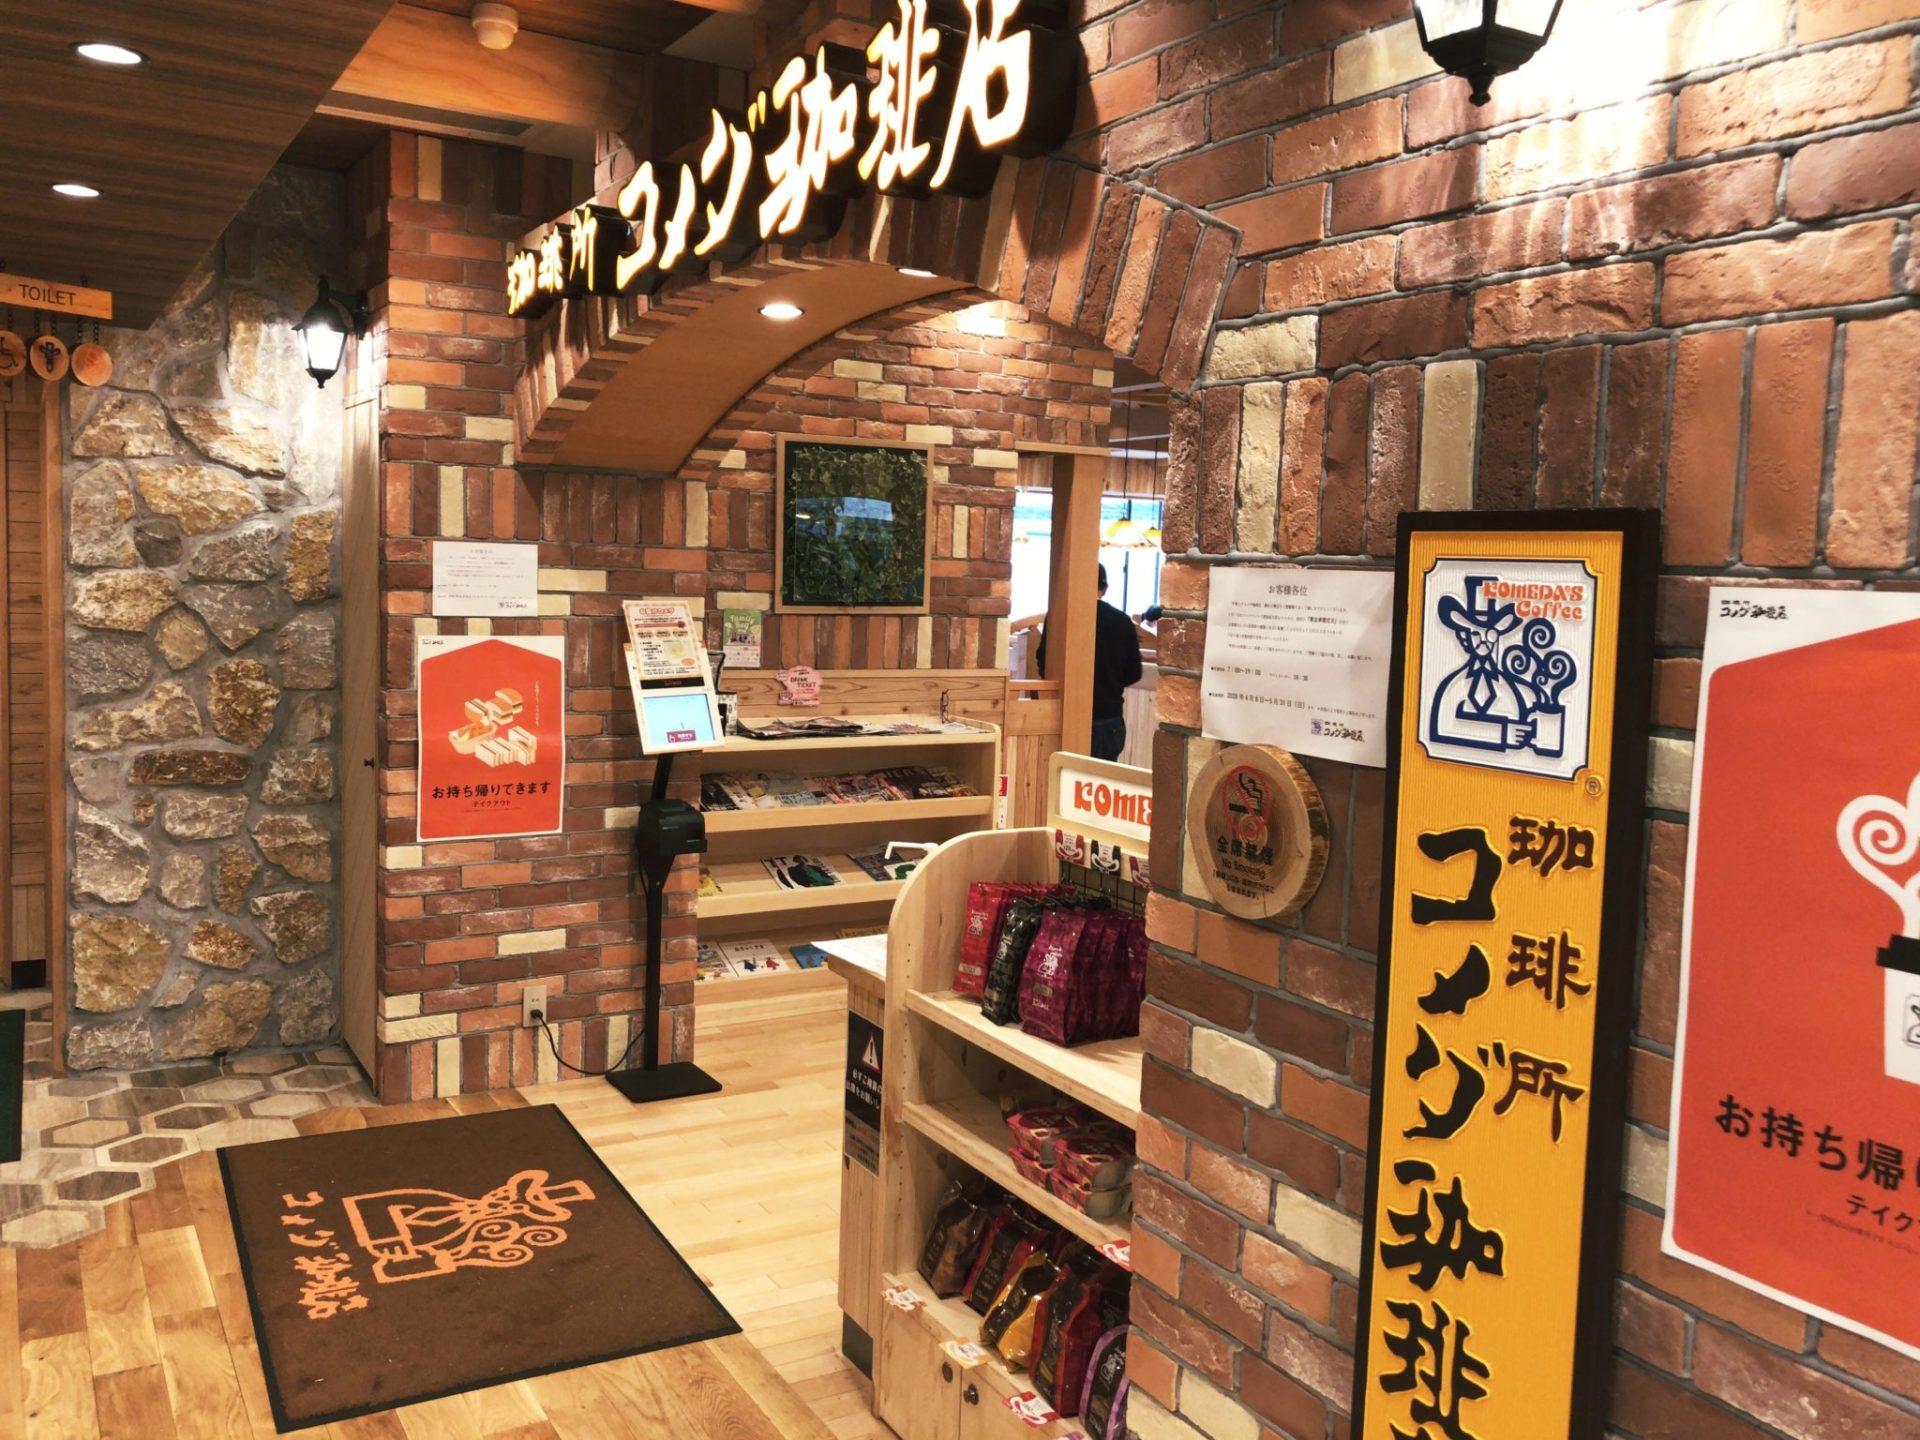 コメダ珈琲店 駒沢公園前店の入り口